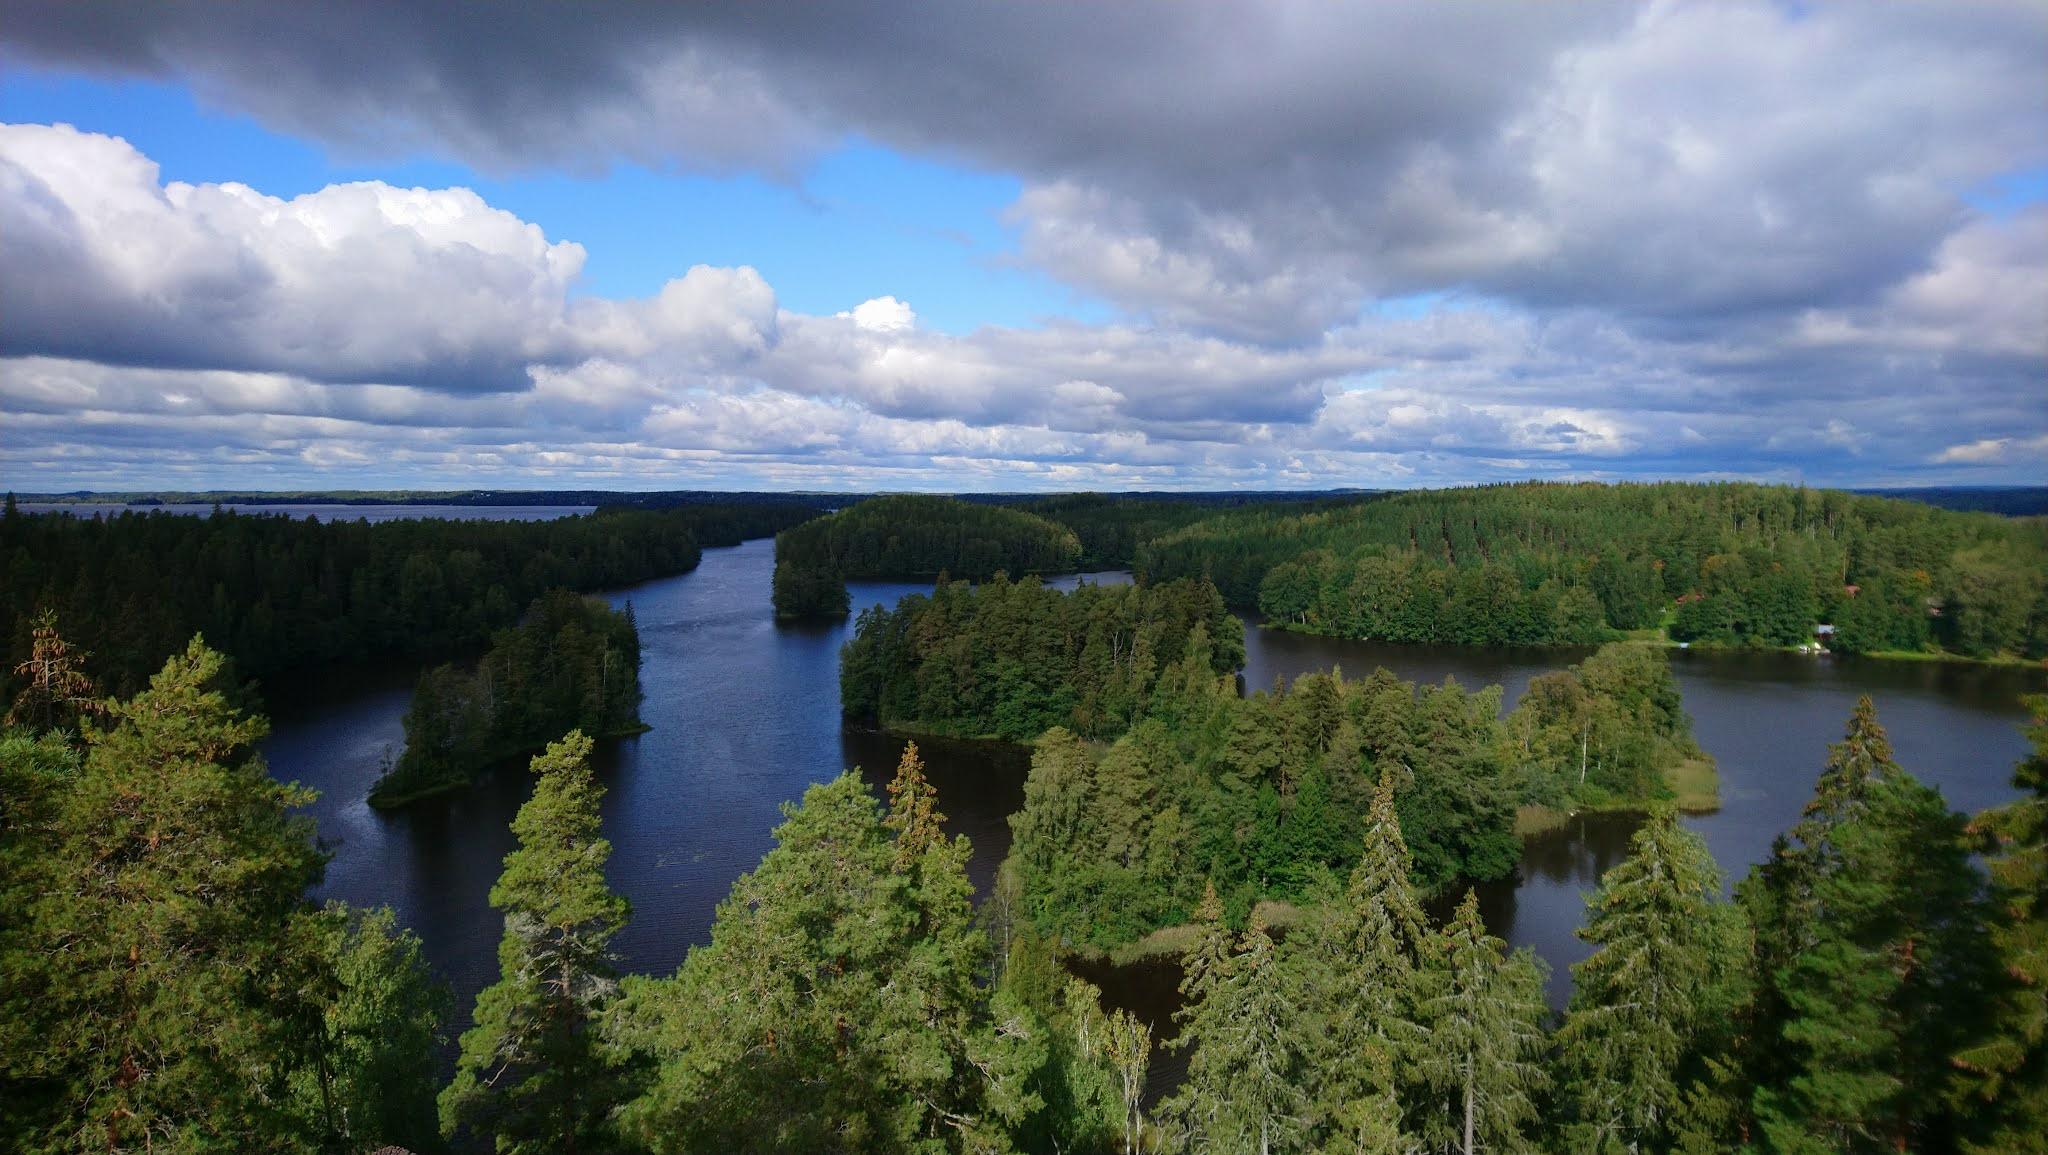 Maisema järvestä ja metsästä korkealta kuvattuna